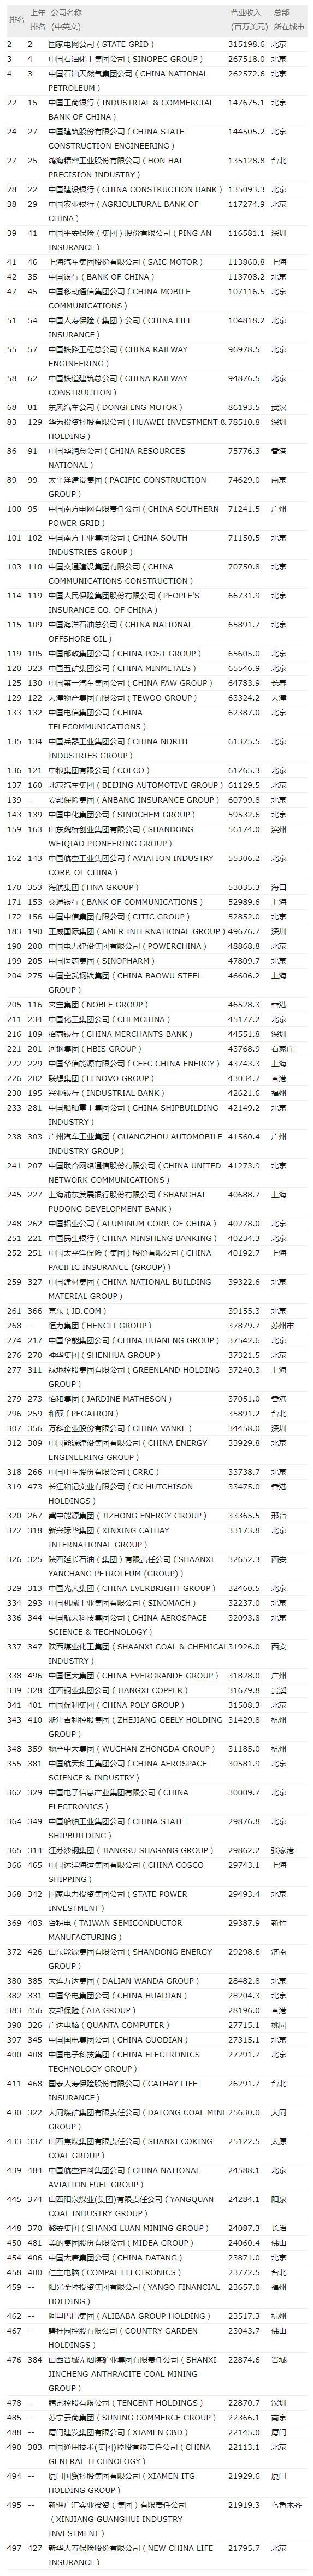 2017世界500强:苹果最赚钱 京东亏损中国第一